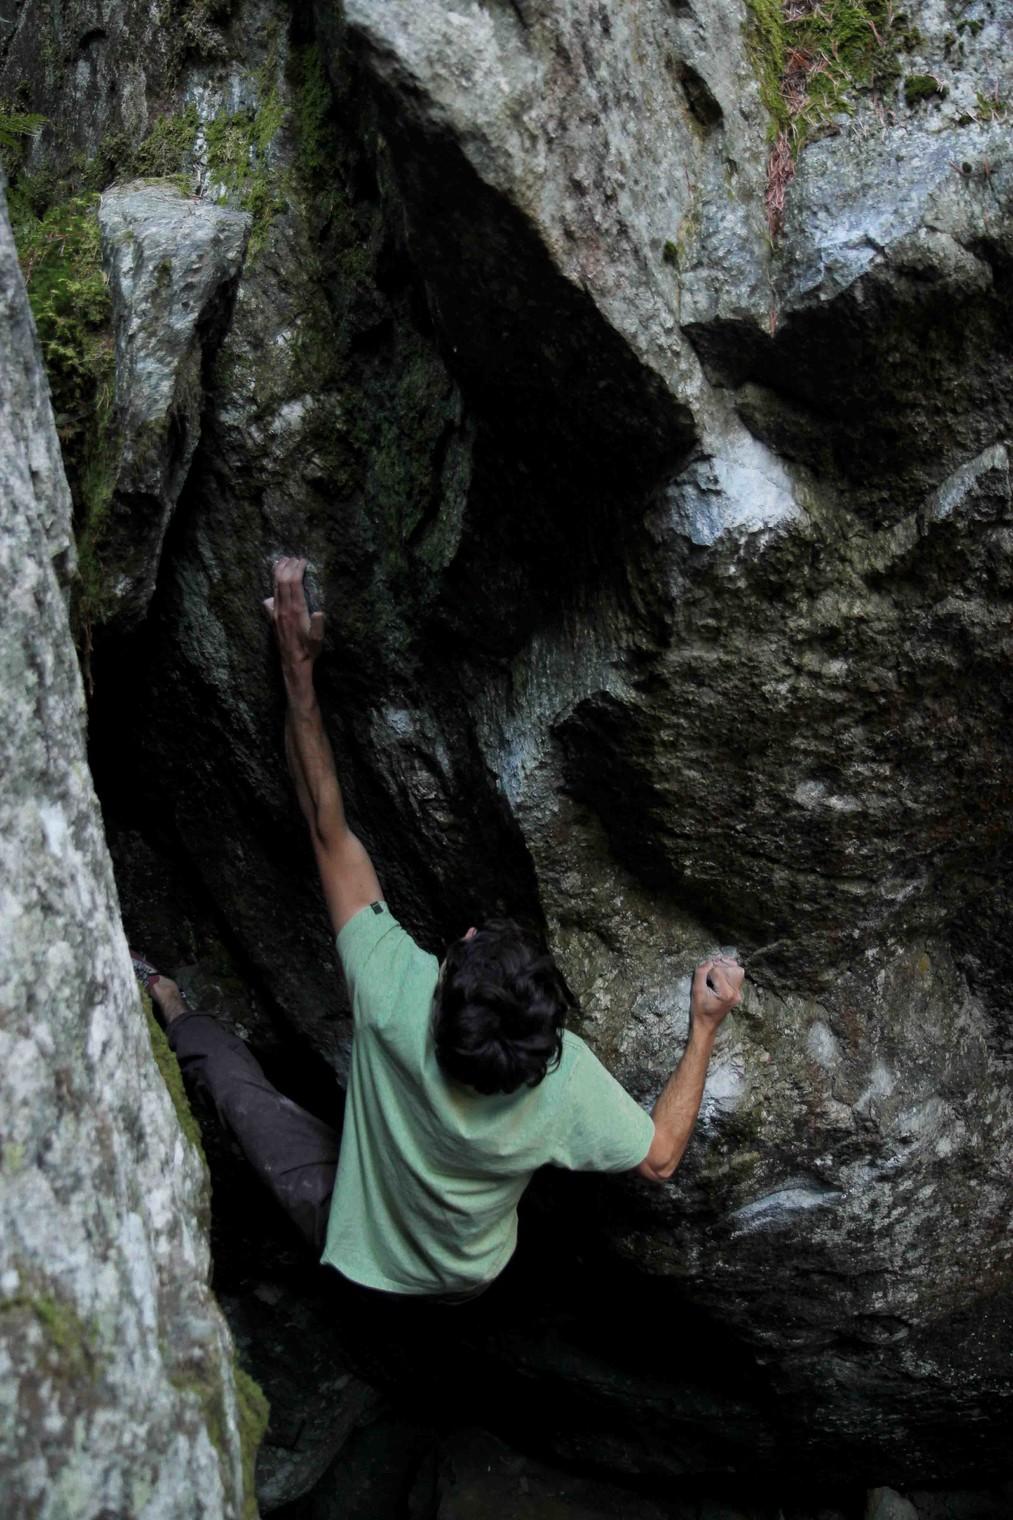 uusi halpa hyvä palvelu edullinen hinta 27 Crags Photo - Paul Robinson, FA @ Magic Wood